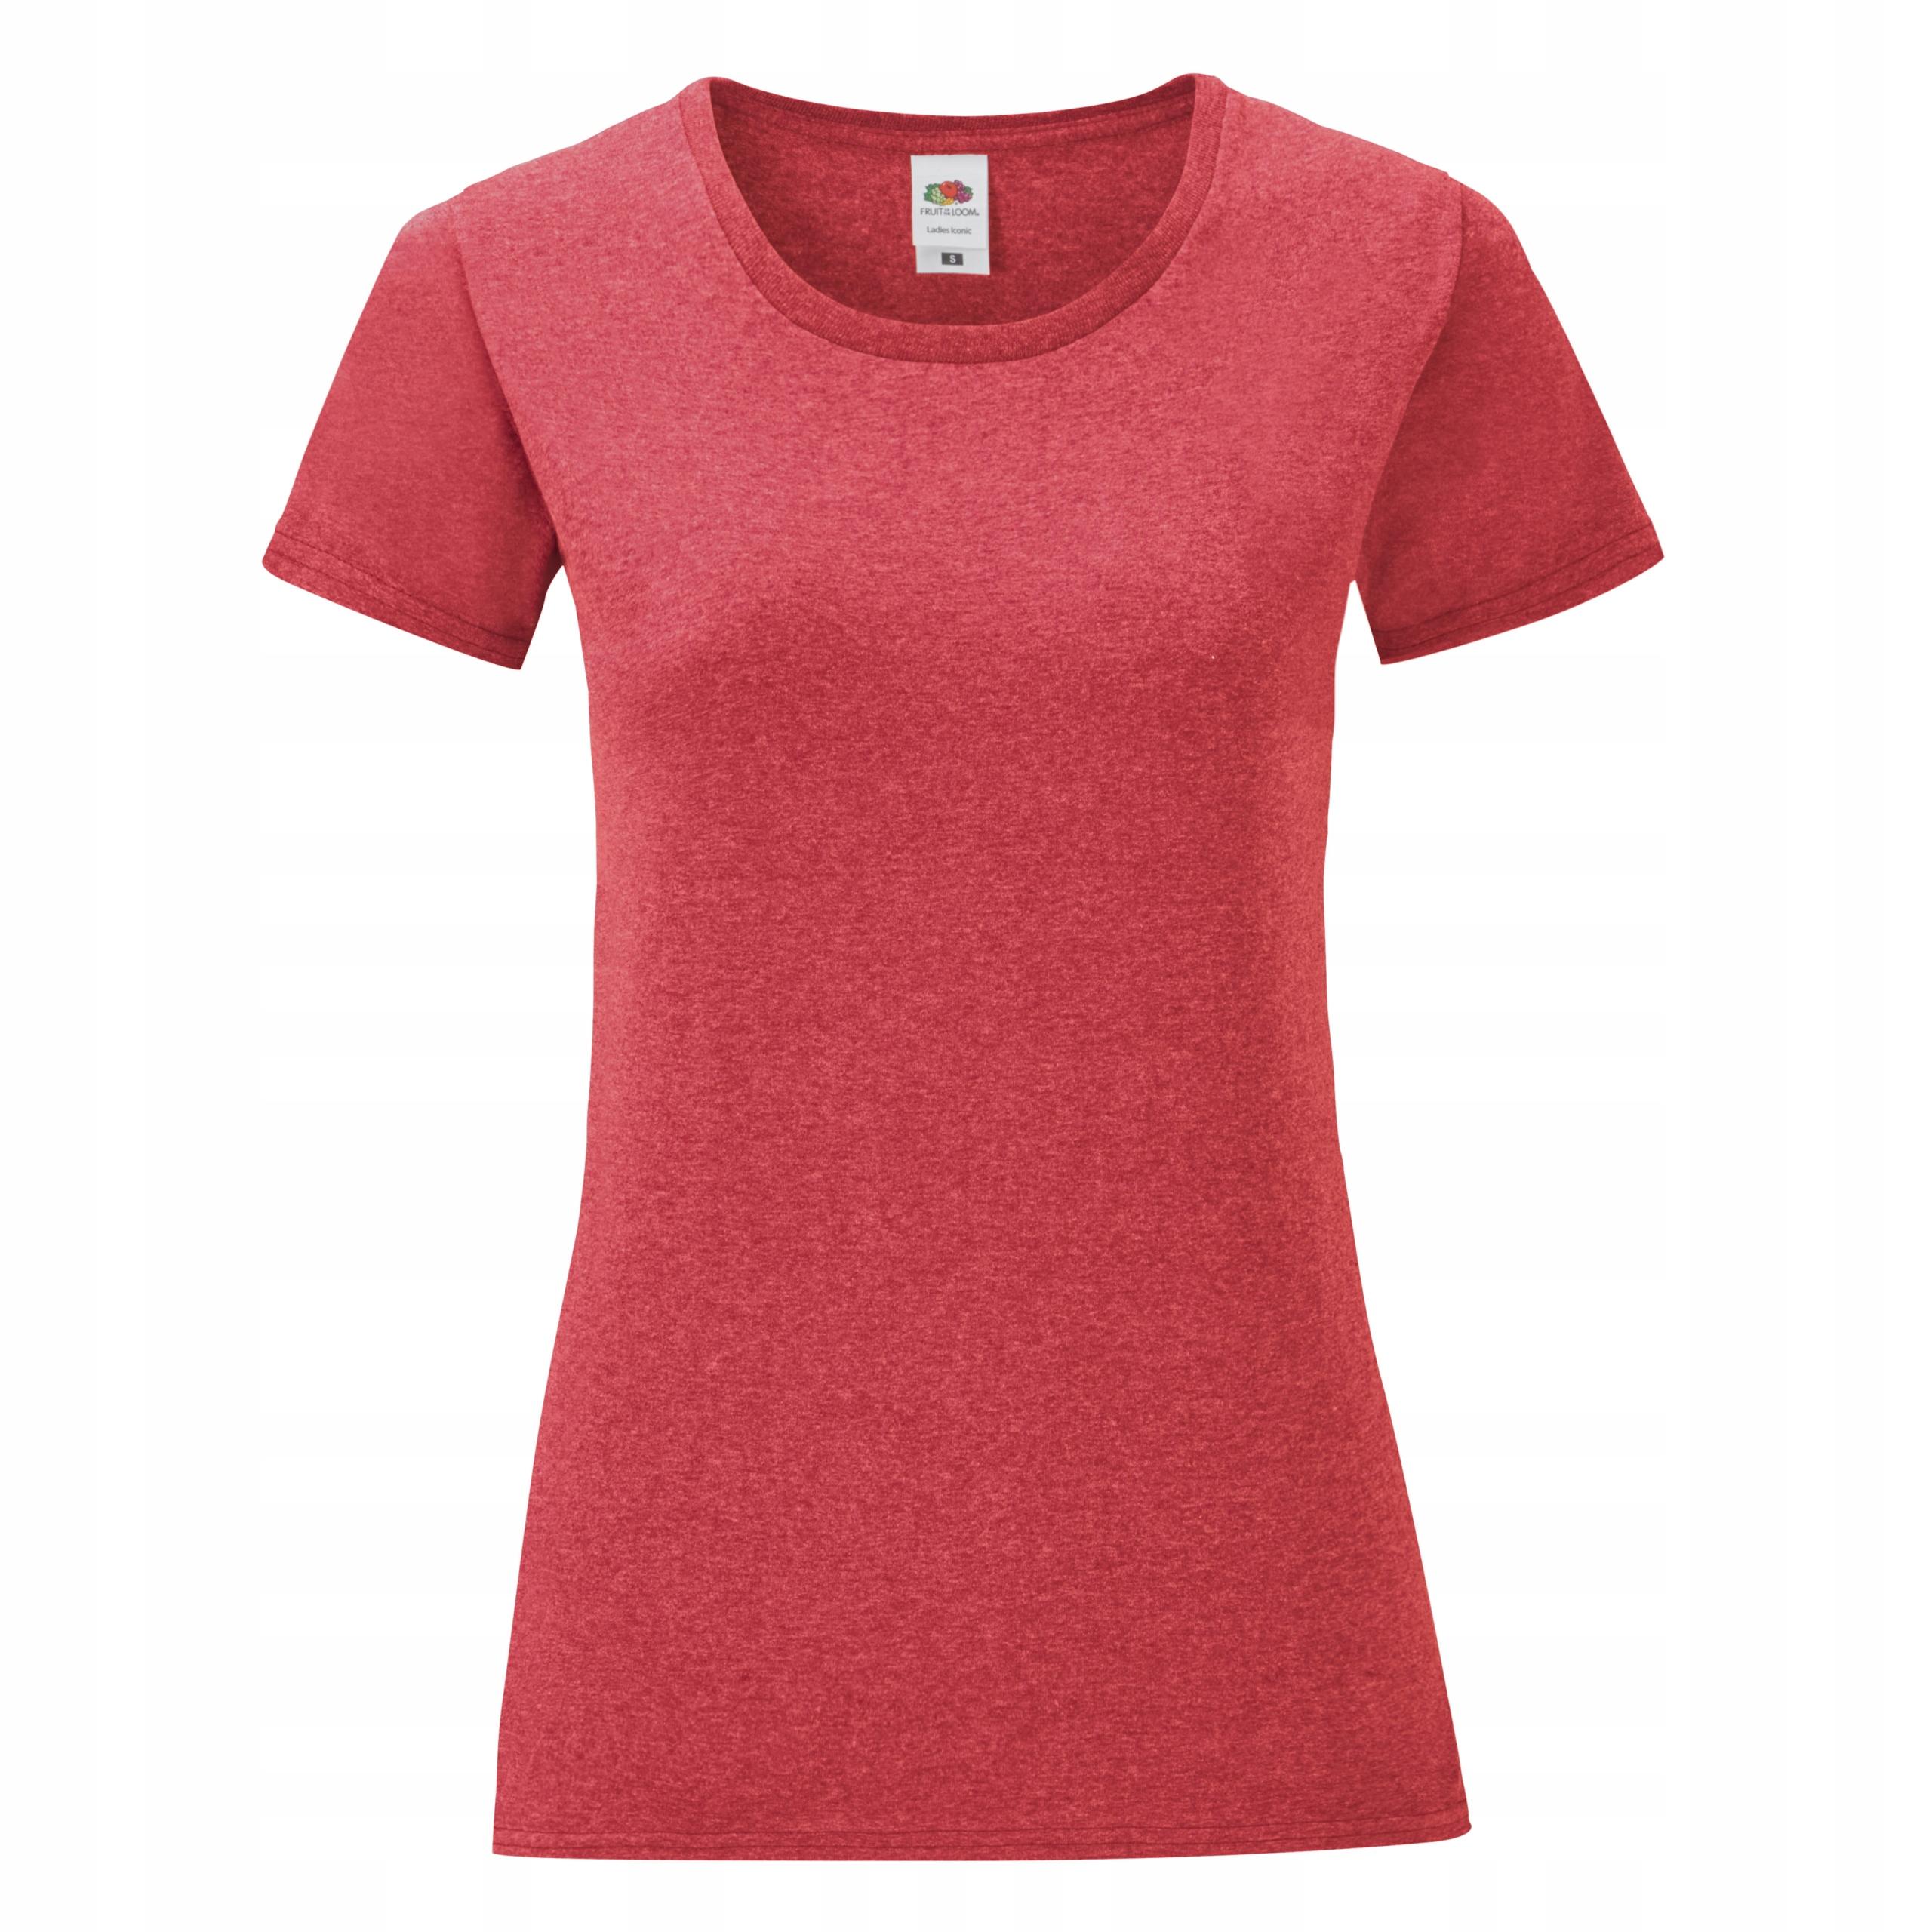 Damska koszulka t-shirt Iconic Fruit vh. red XL